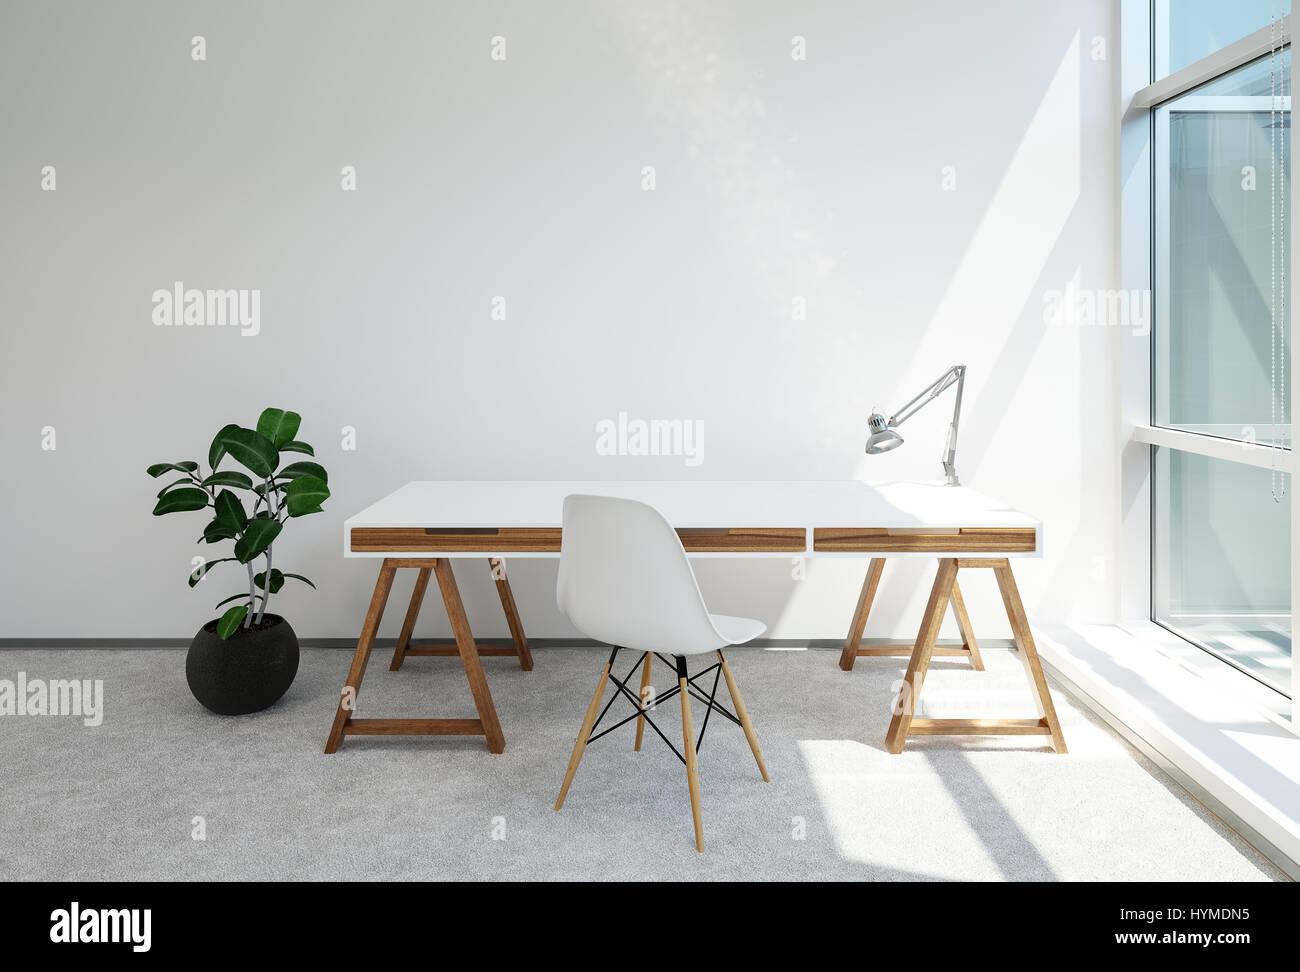 Ikea bureau treteau meilleur de bureau bois ikea luxe bureau